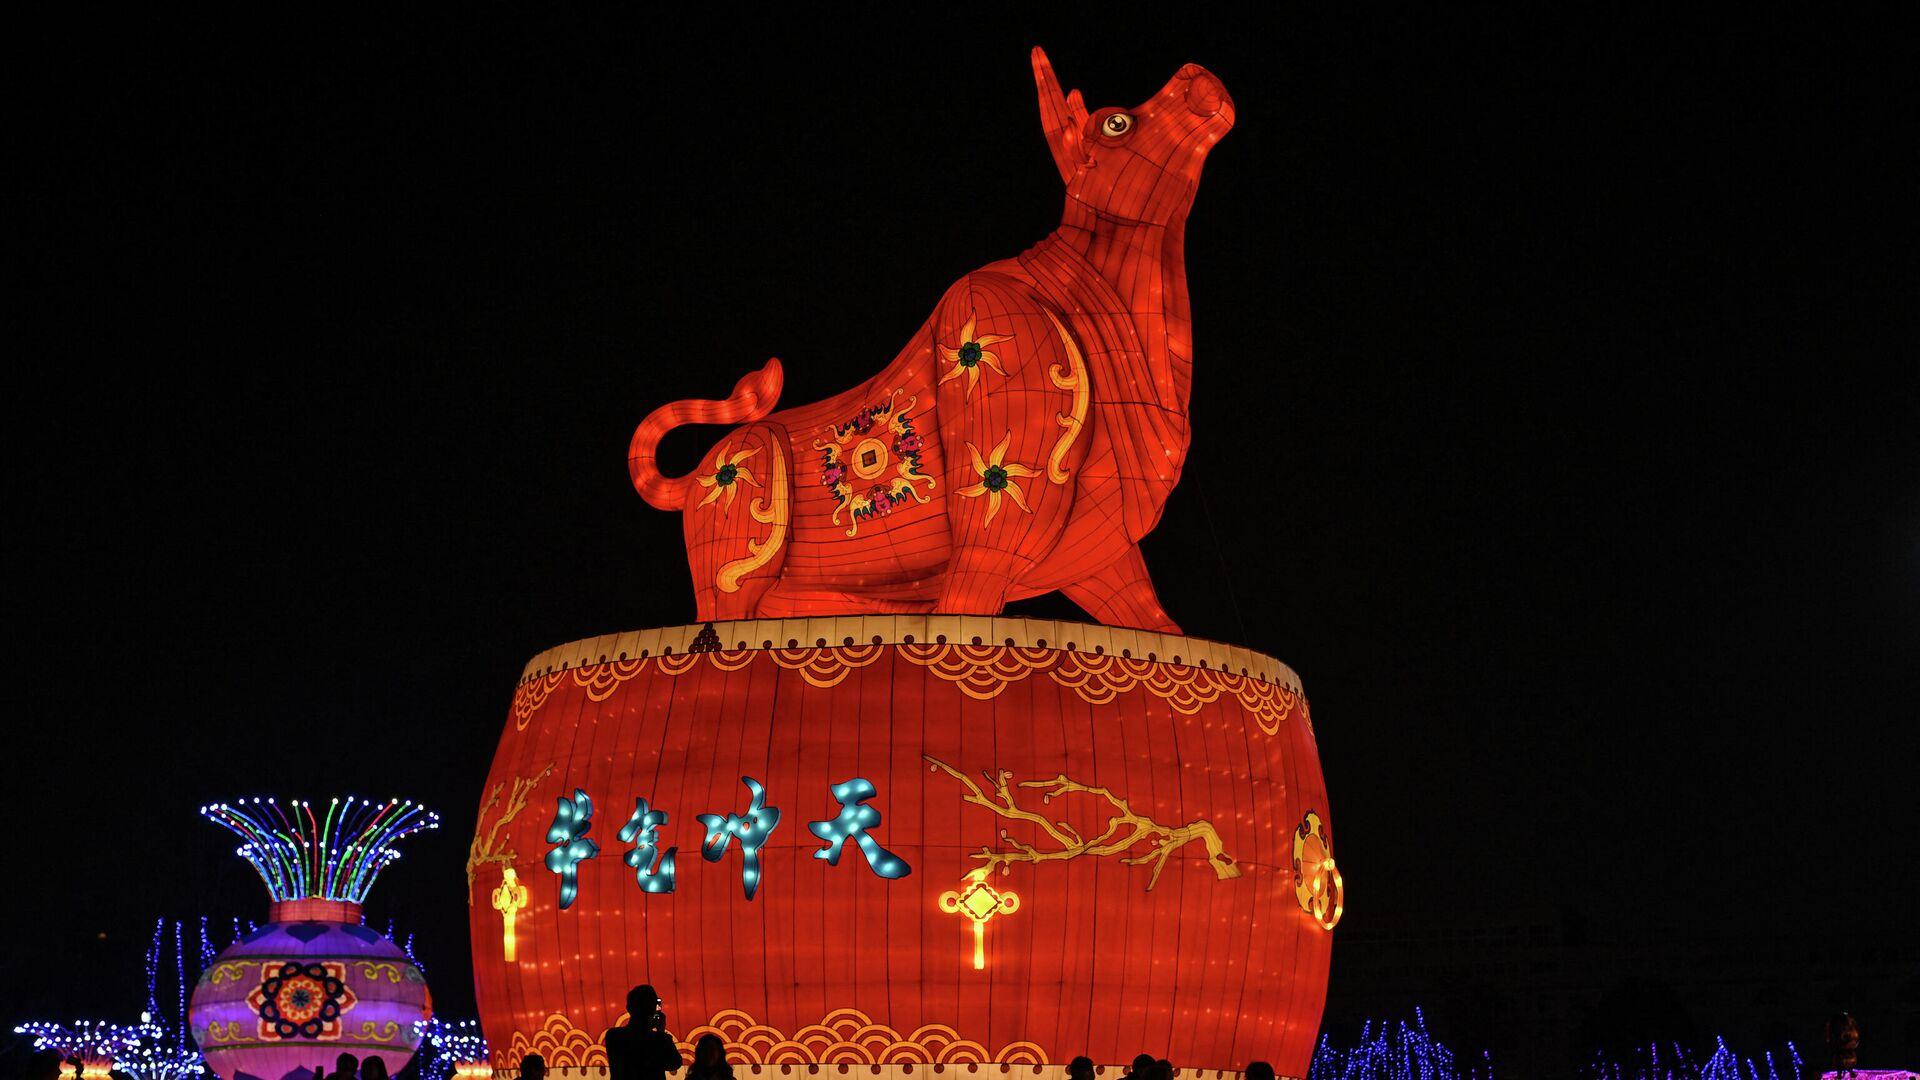 Dekorationen zum chinesischen Neujahrsfest (Wuhan, 11.02.2021) - SNA, 1920, 12.02.2021